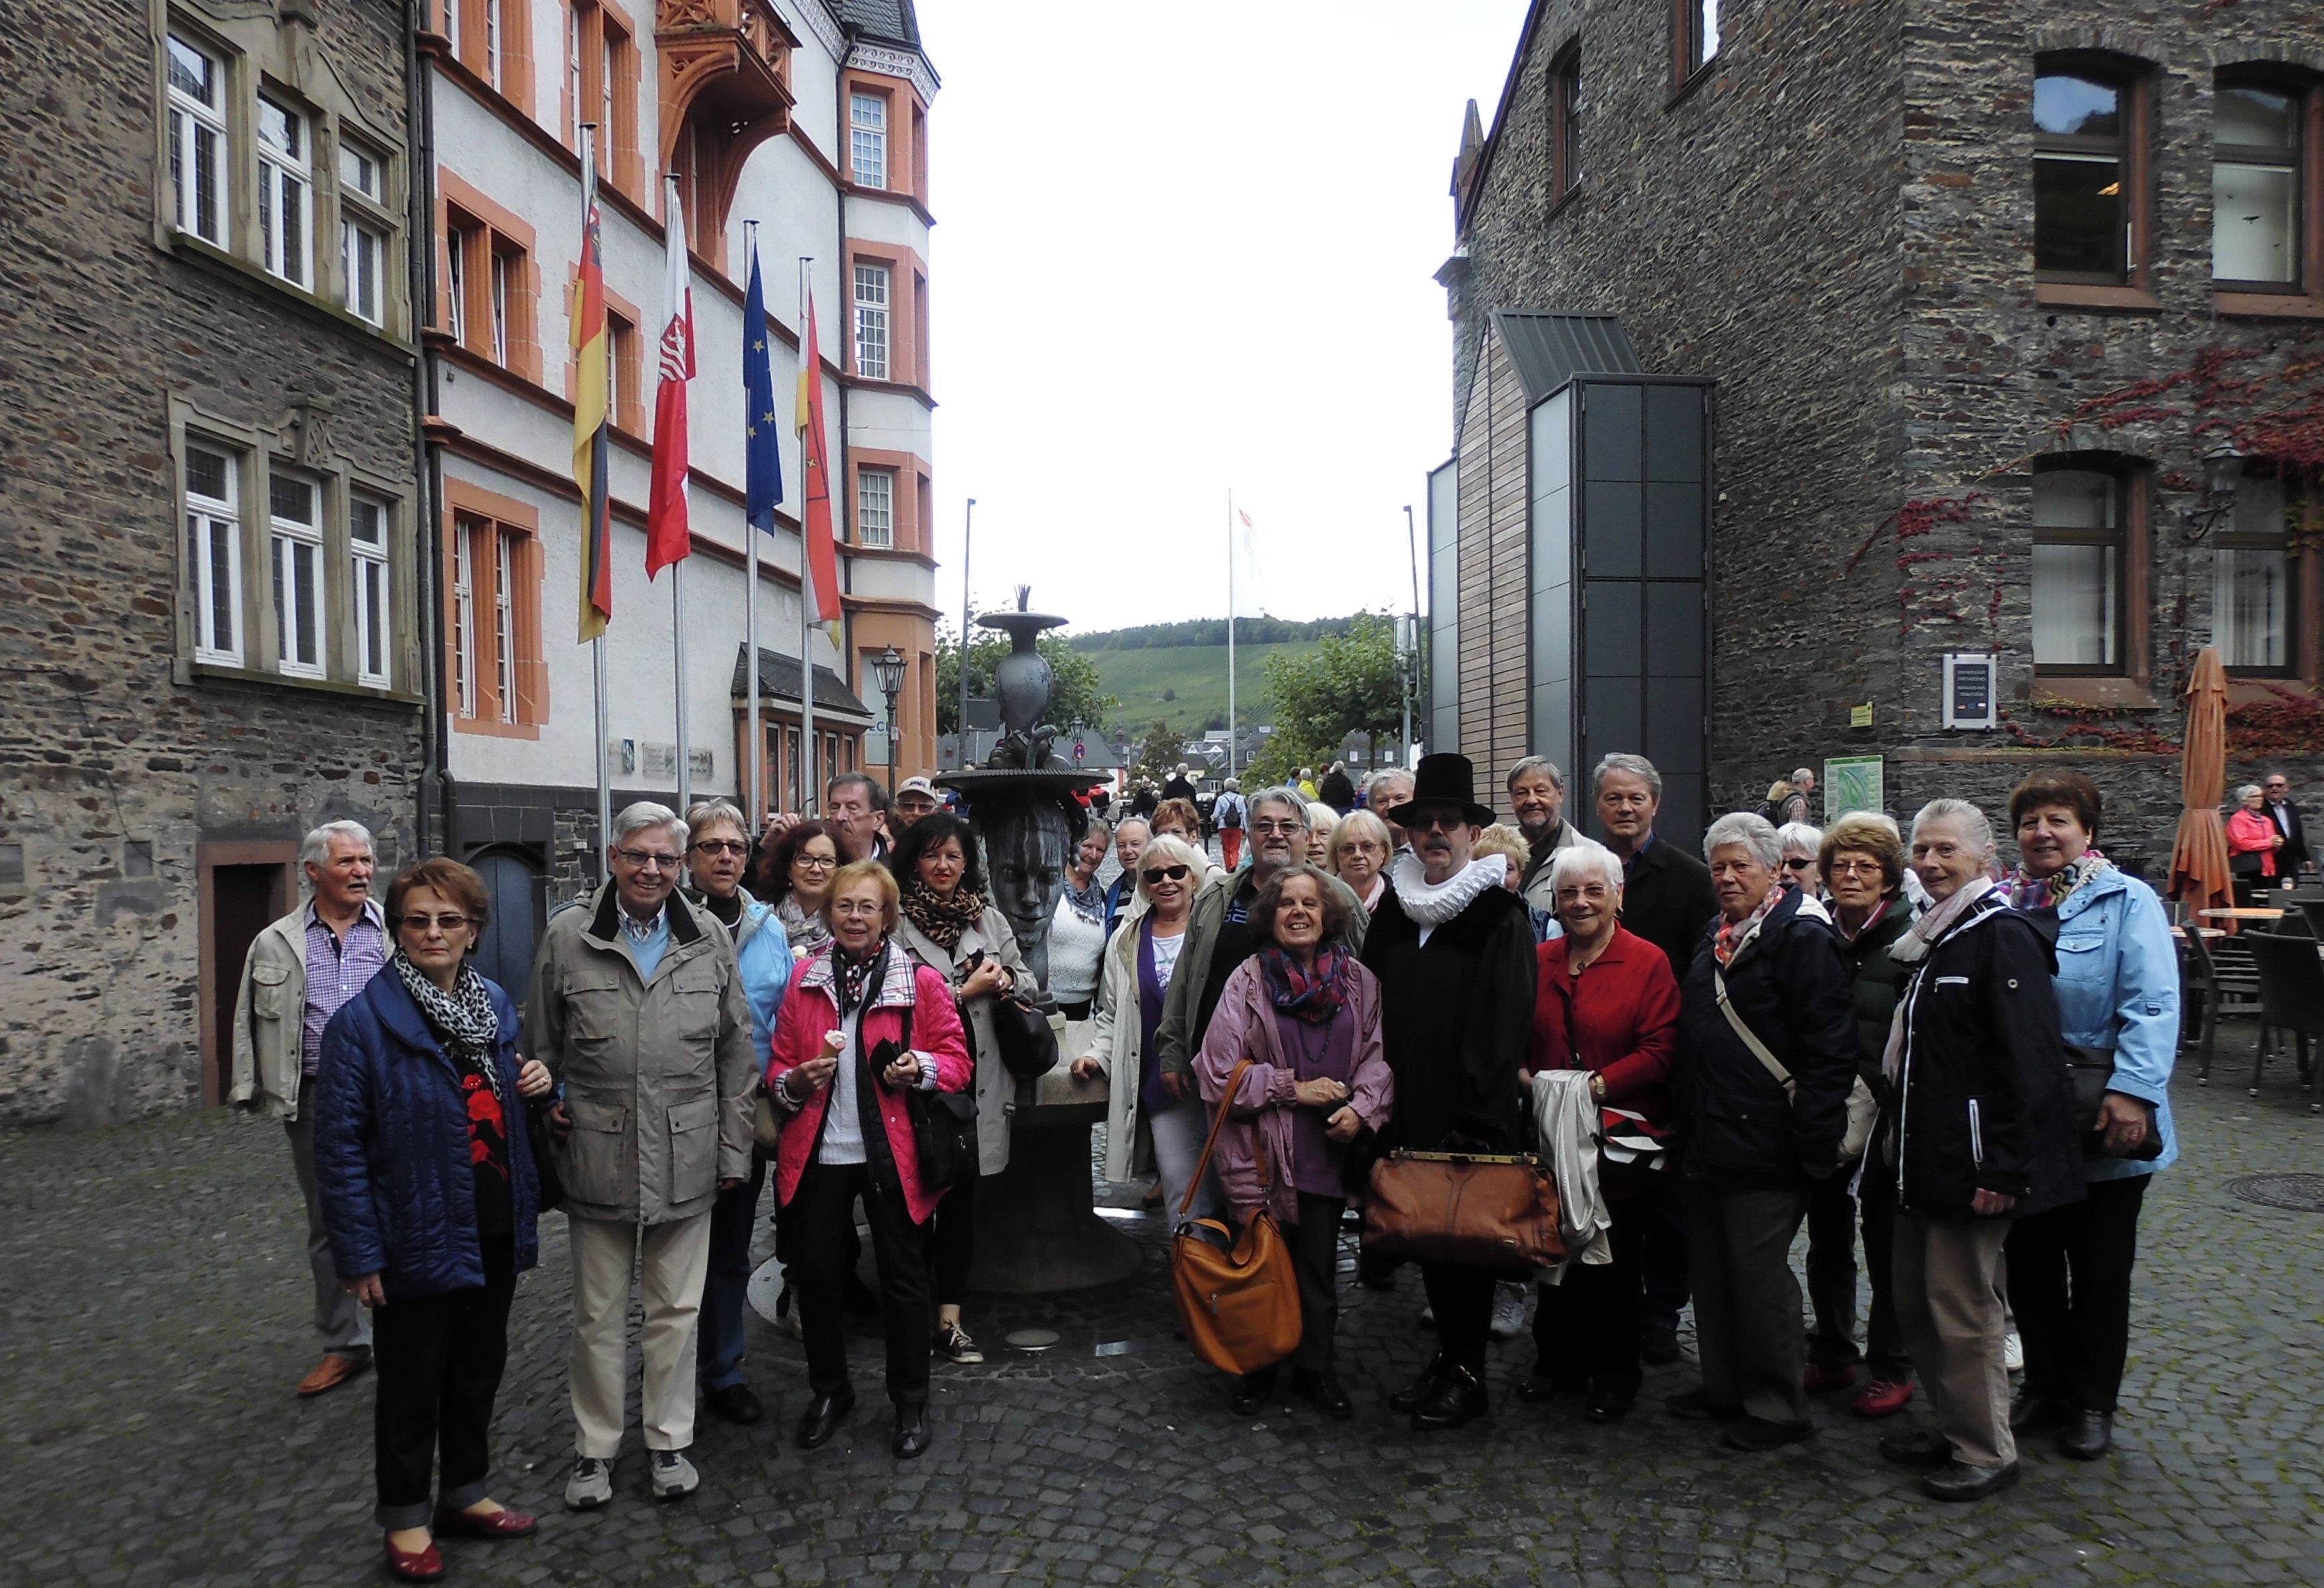 Gruppenbild einer Seniorengruppe bei einem Ausflug auf einem Platz einer Altstadt